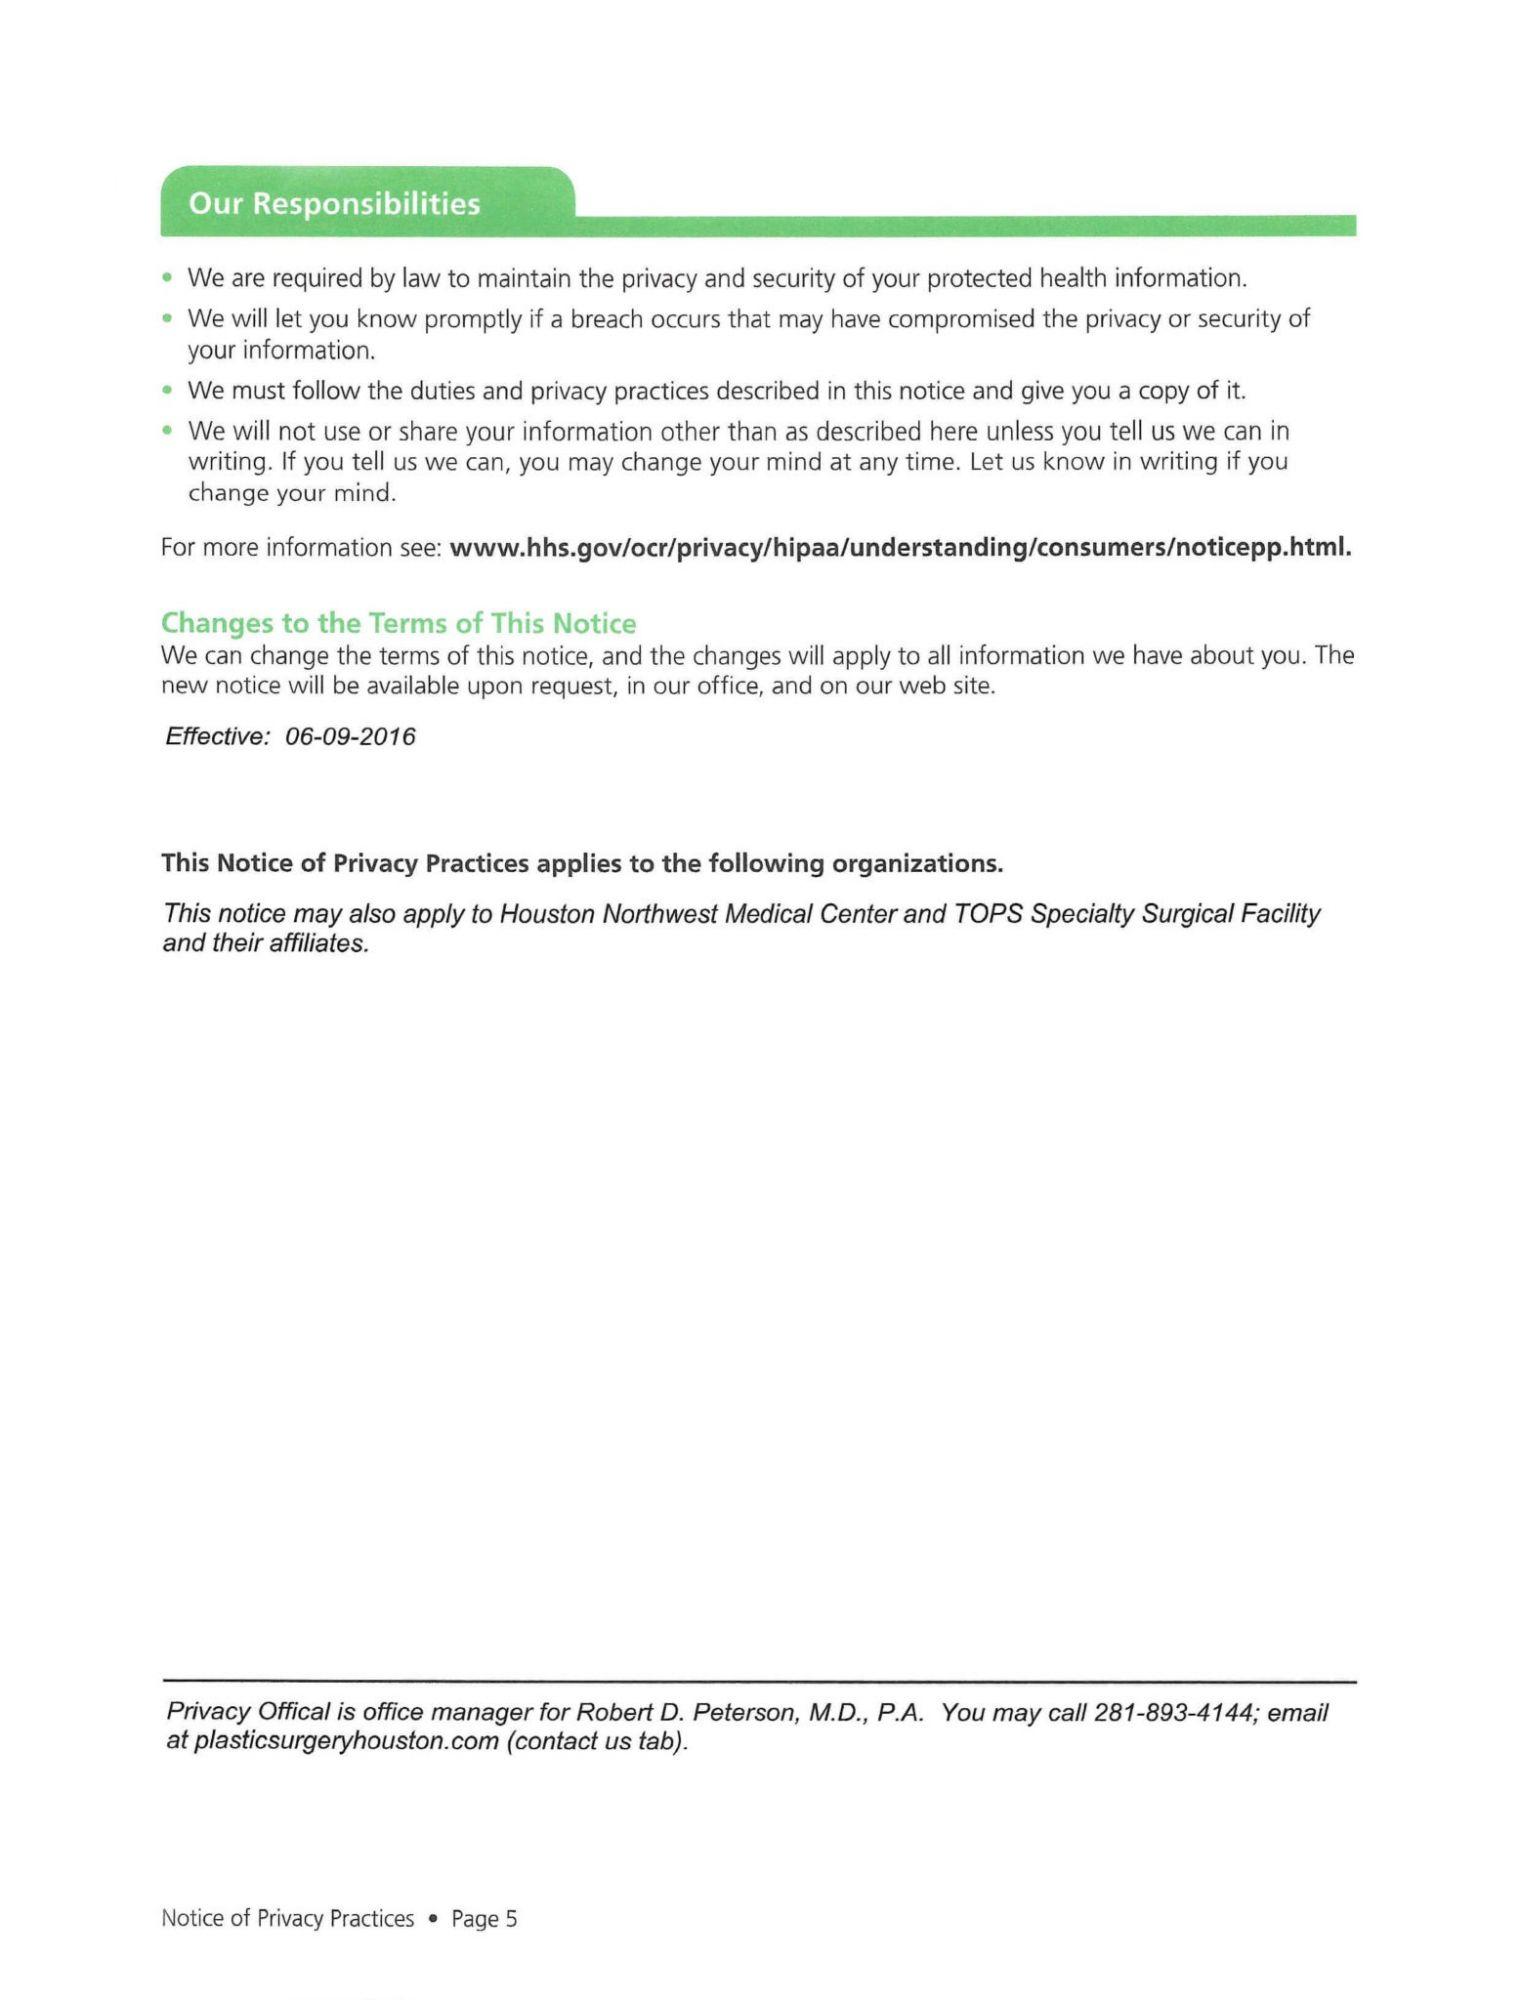 Dr Peterson Website Form 5